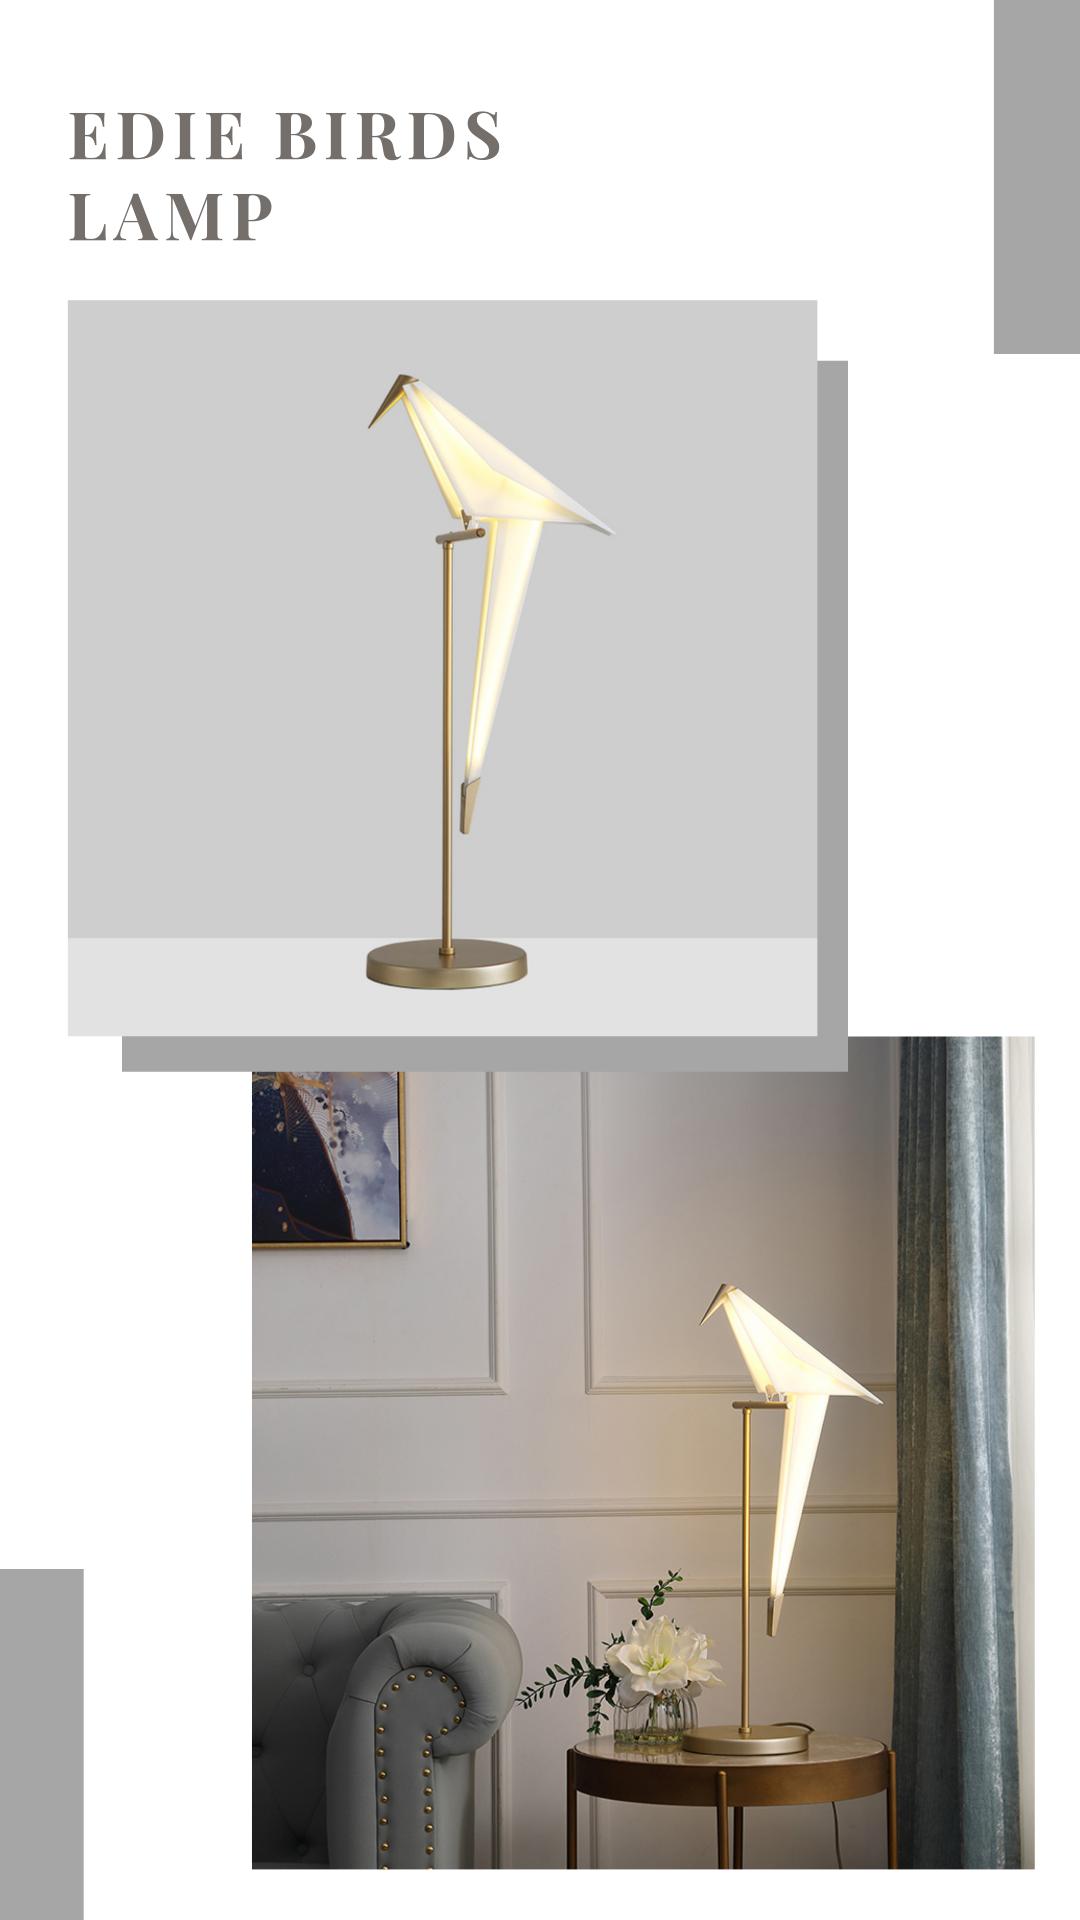 Edie Birds Lamp In 2020 Floor Lamp Styles Rustic Floor Lamps